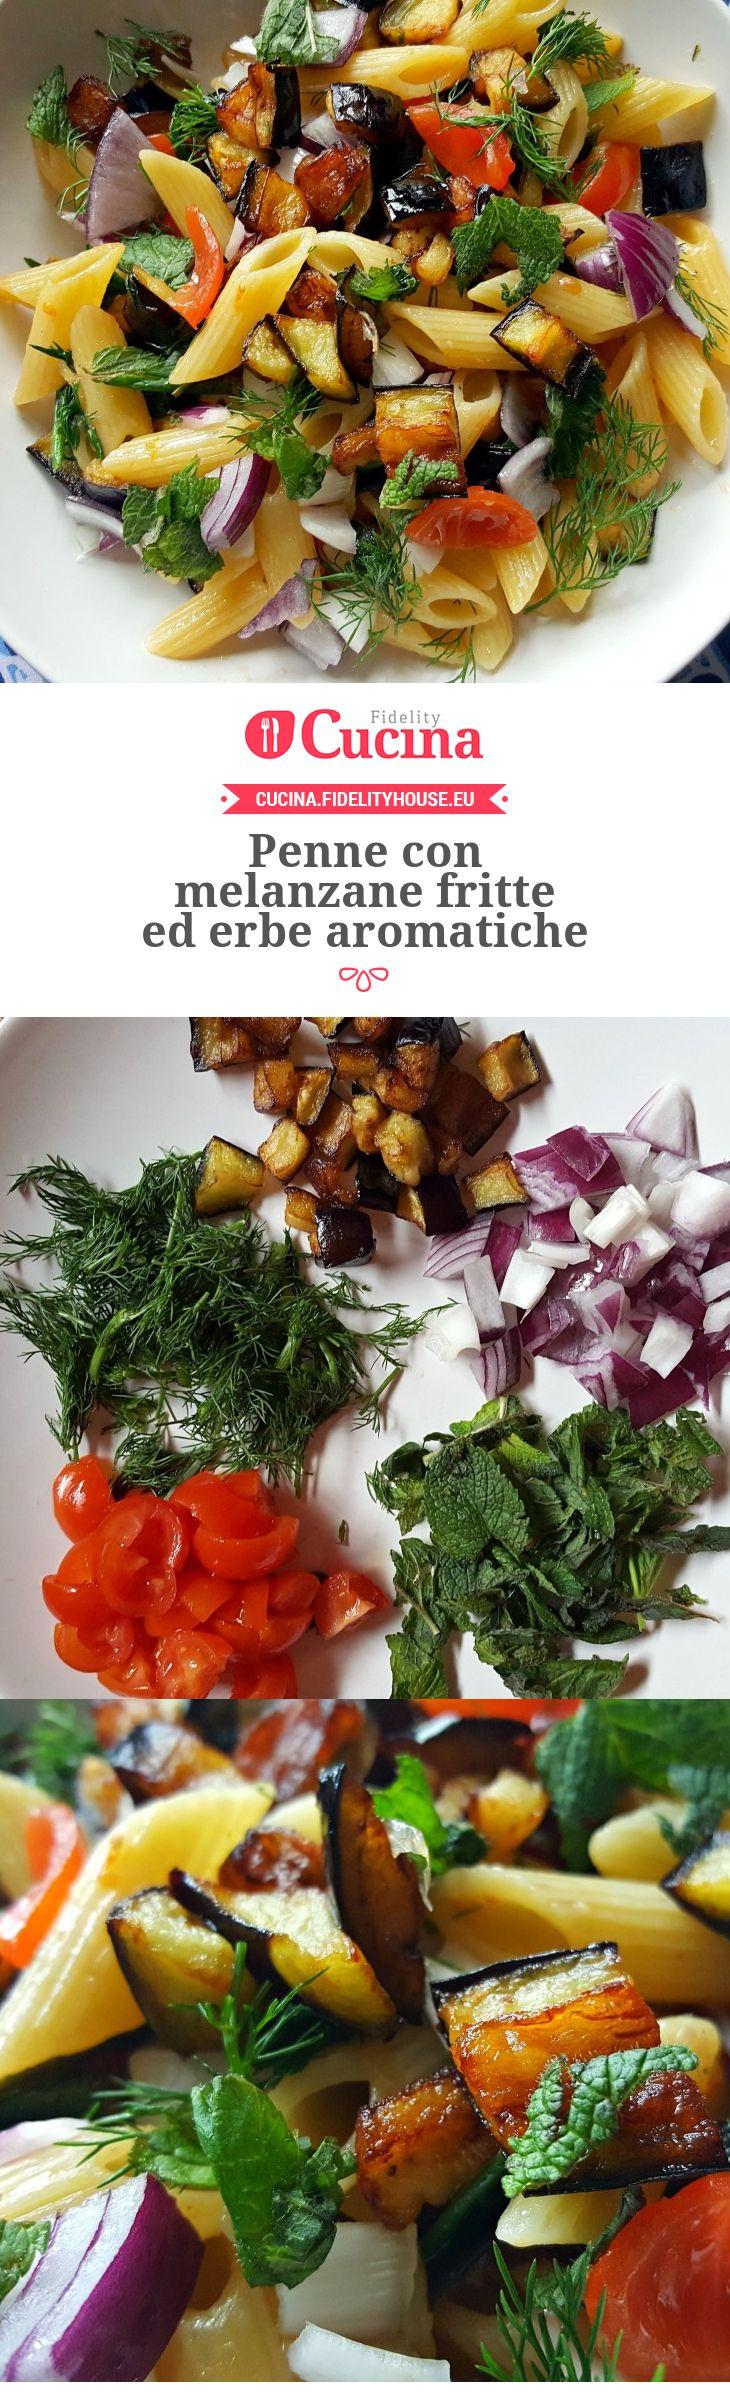 Penne con melanzane fritte ed erbe aromatiche